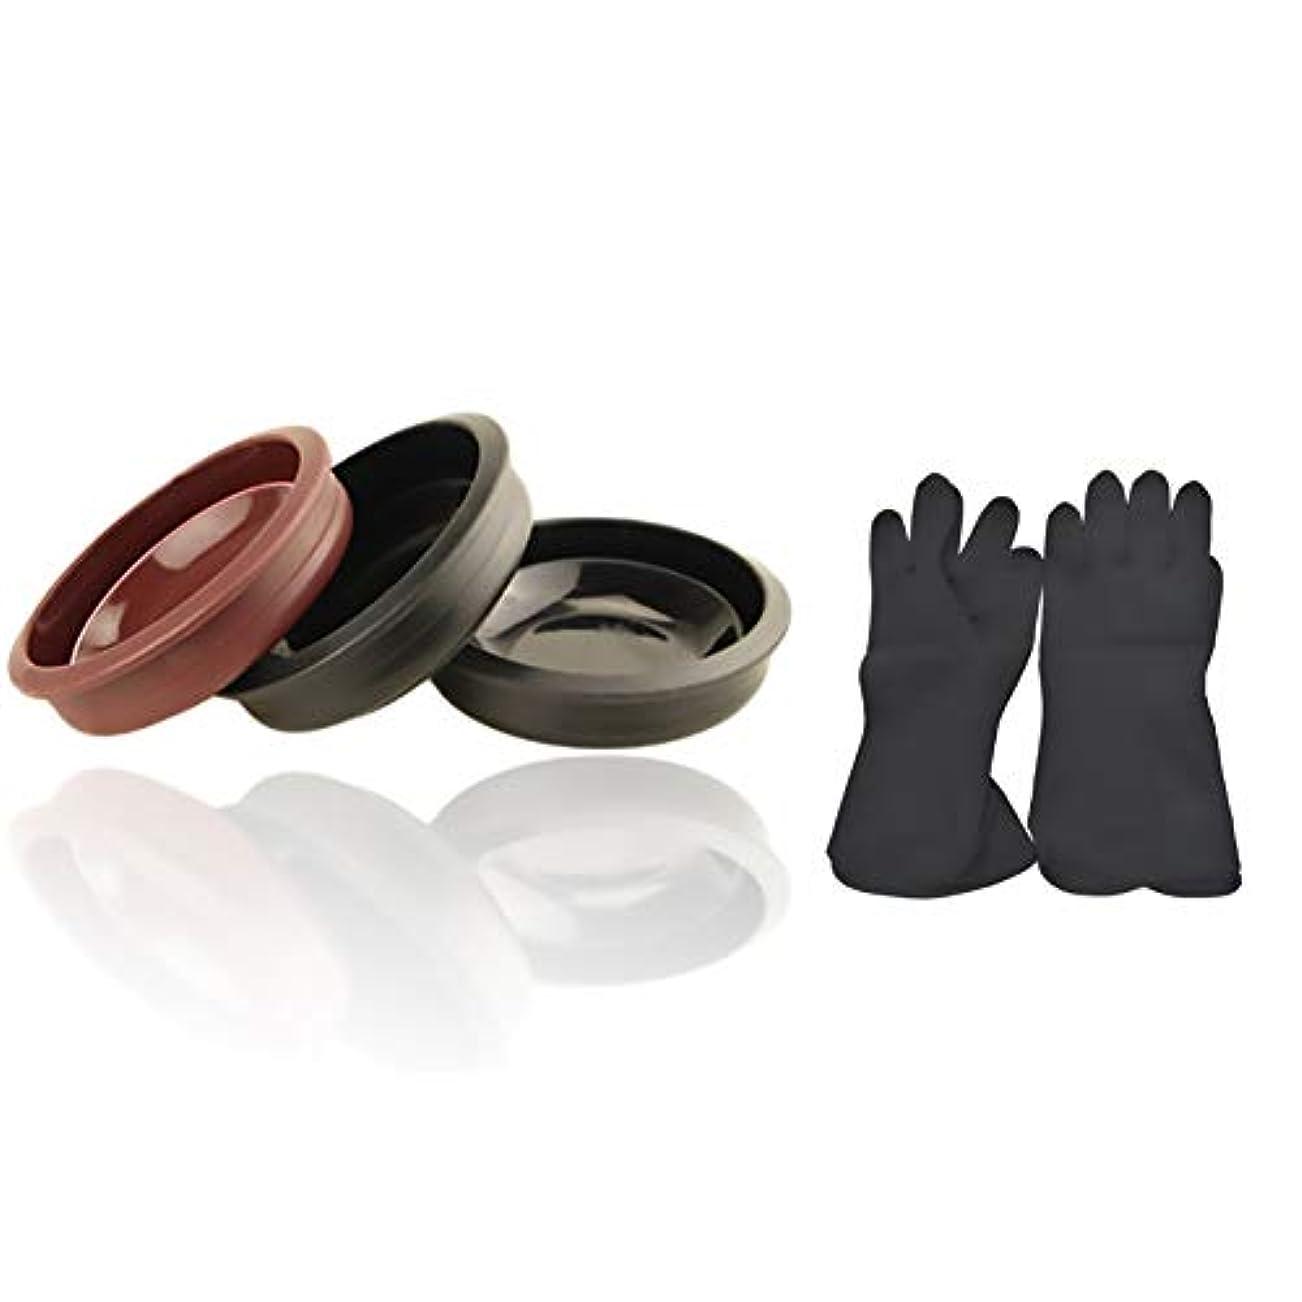 元気珍味写真のTofover 3ピースヘアカラーミキシングボウルと20カウントヘアダイ手袋、黒の再利用可能なゴム手袋、ヘアサロンヘア染色のためのプロのヘアカラーツールキット